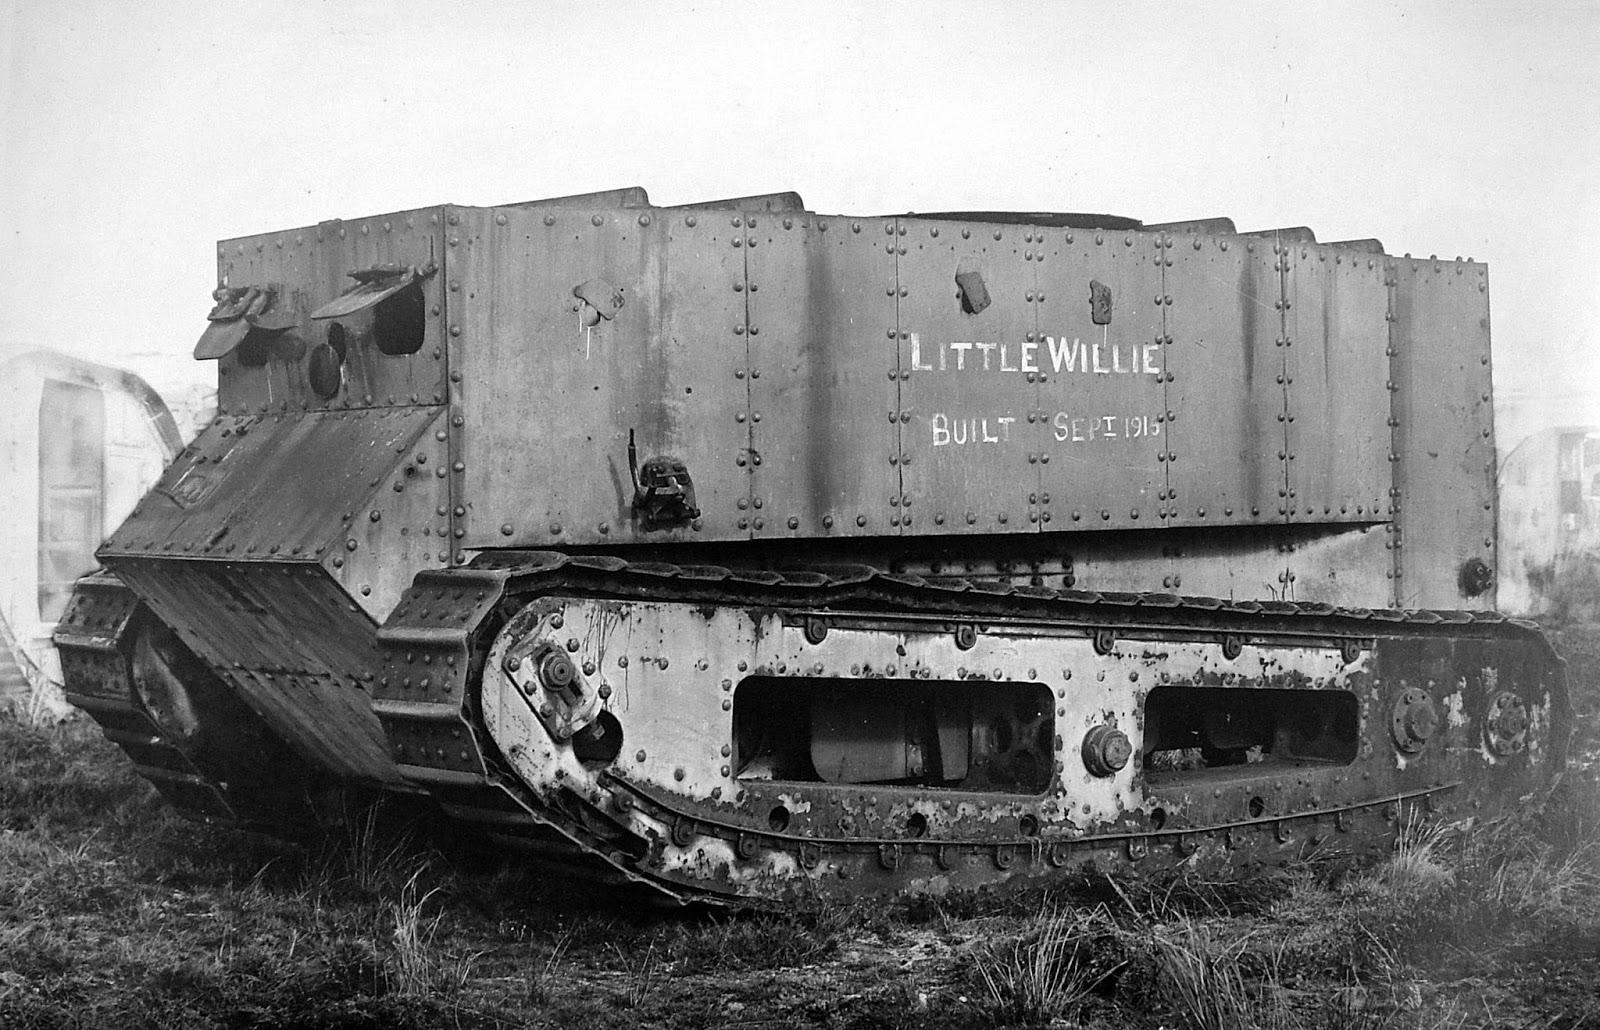 Zanimljivost dana: Prvi tenk u istoriji – Little Willie